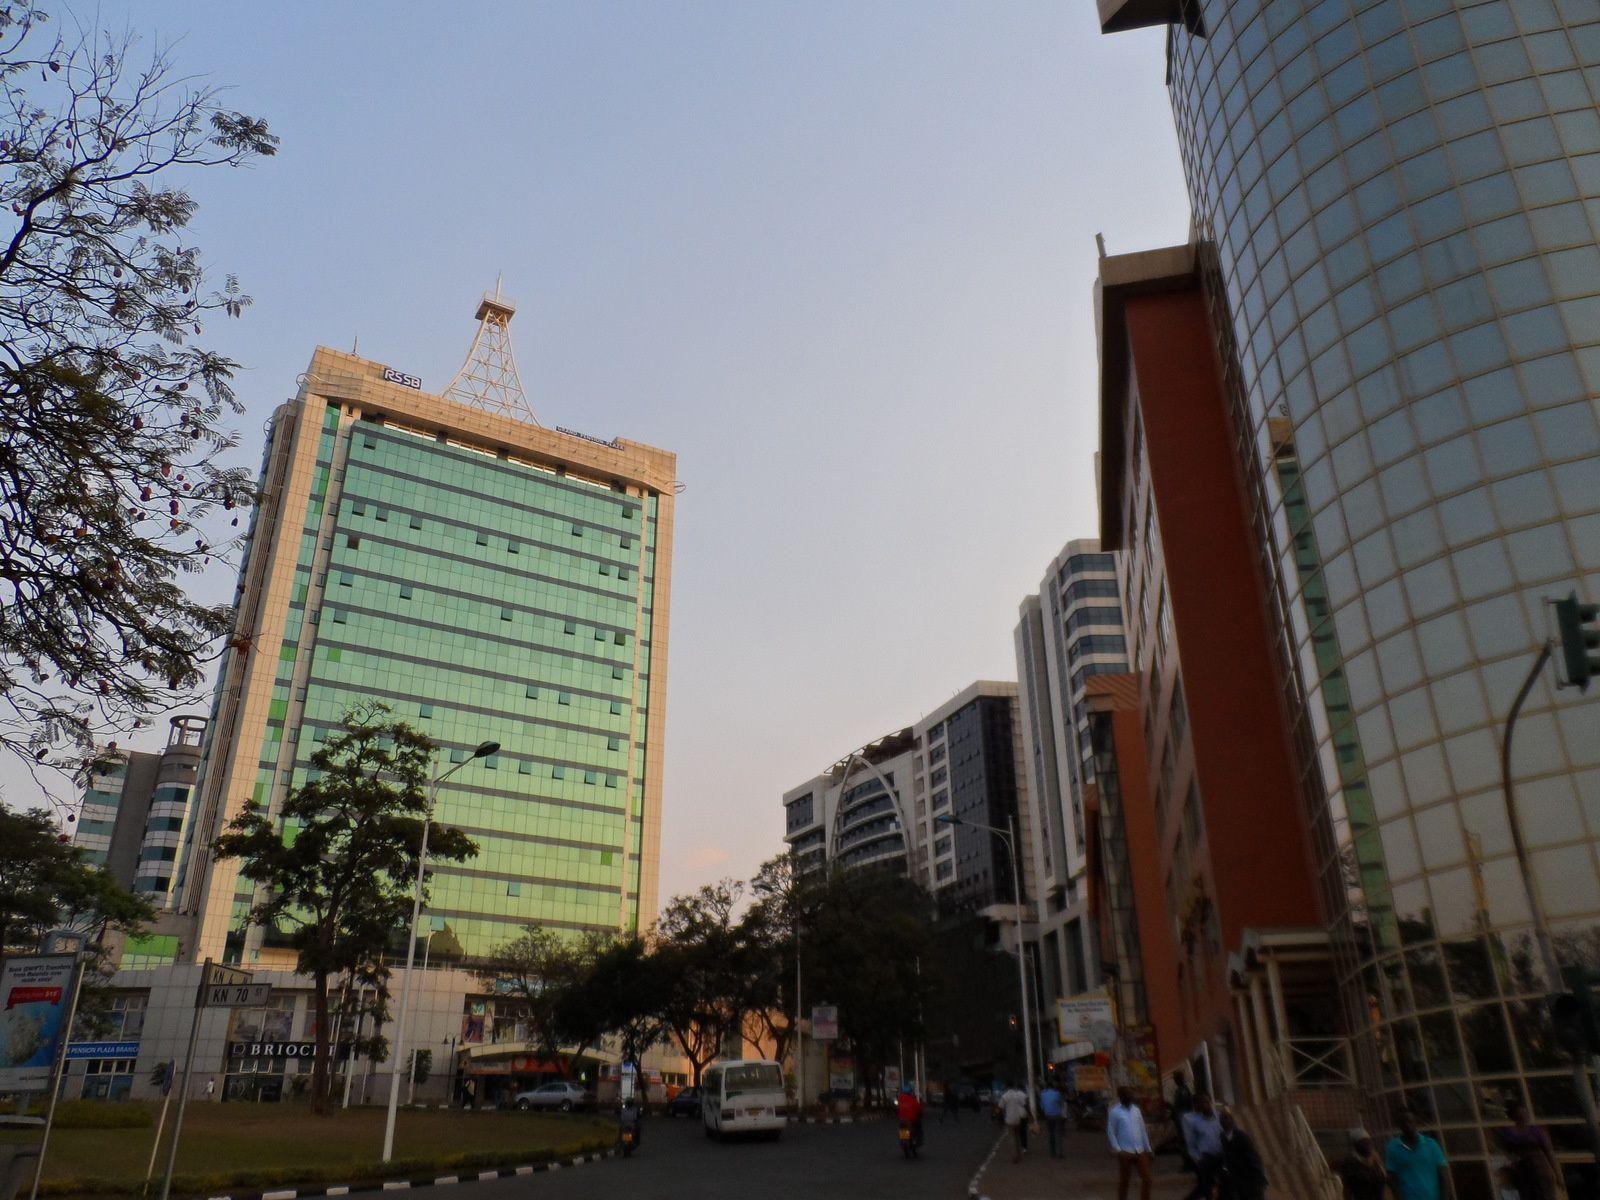 Kigali, presque l'Afrique